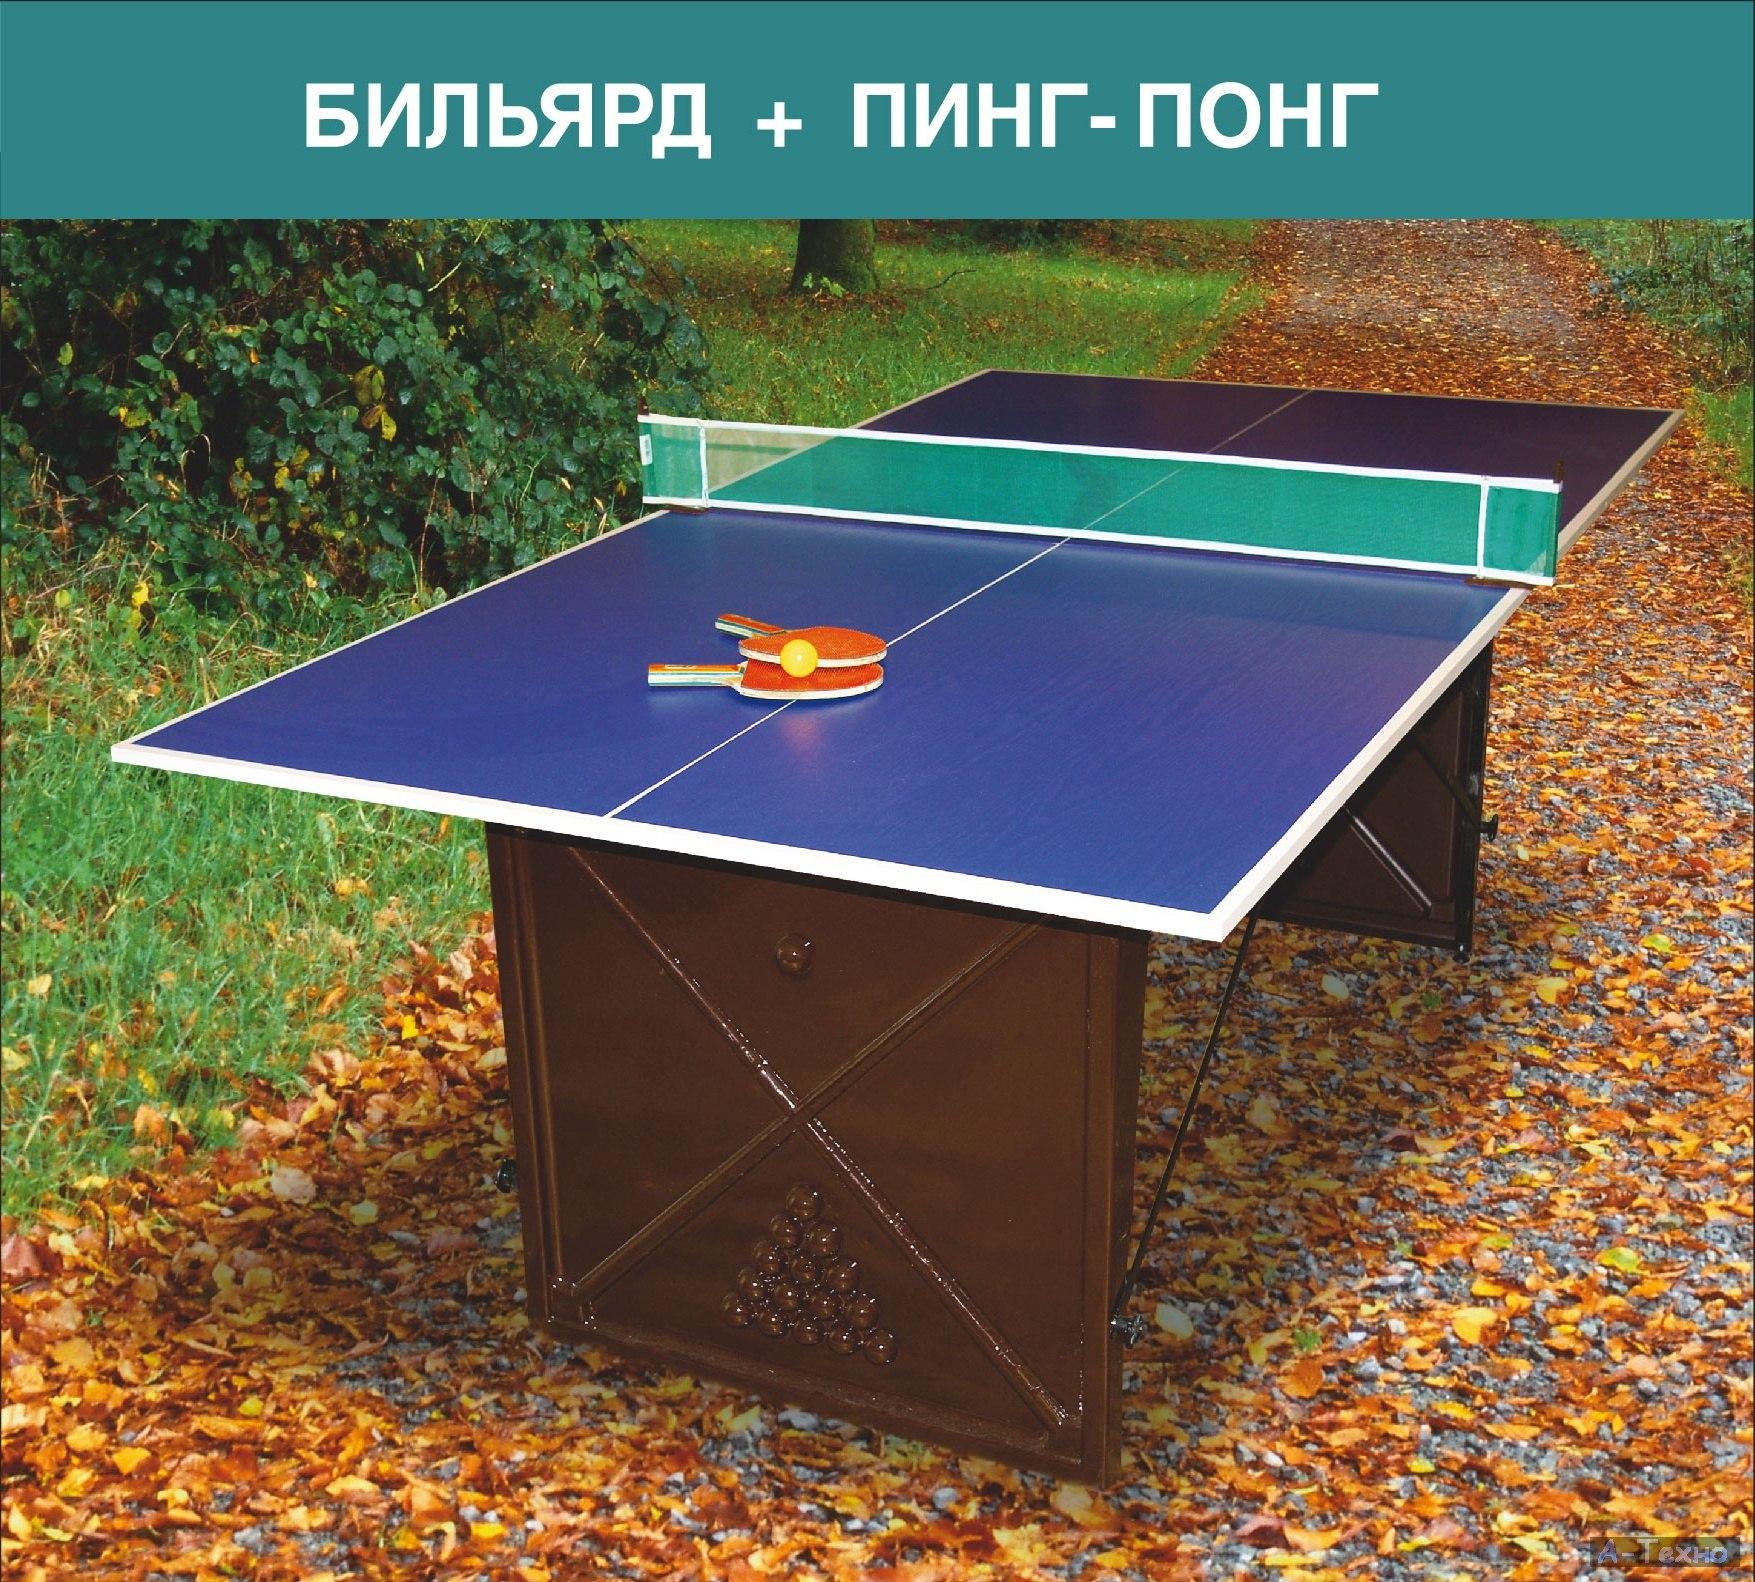 Своими руками теннисный стол фото